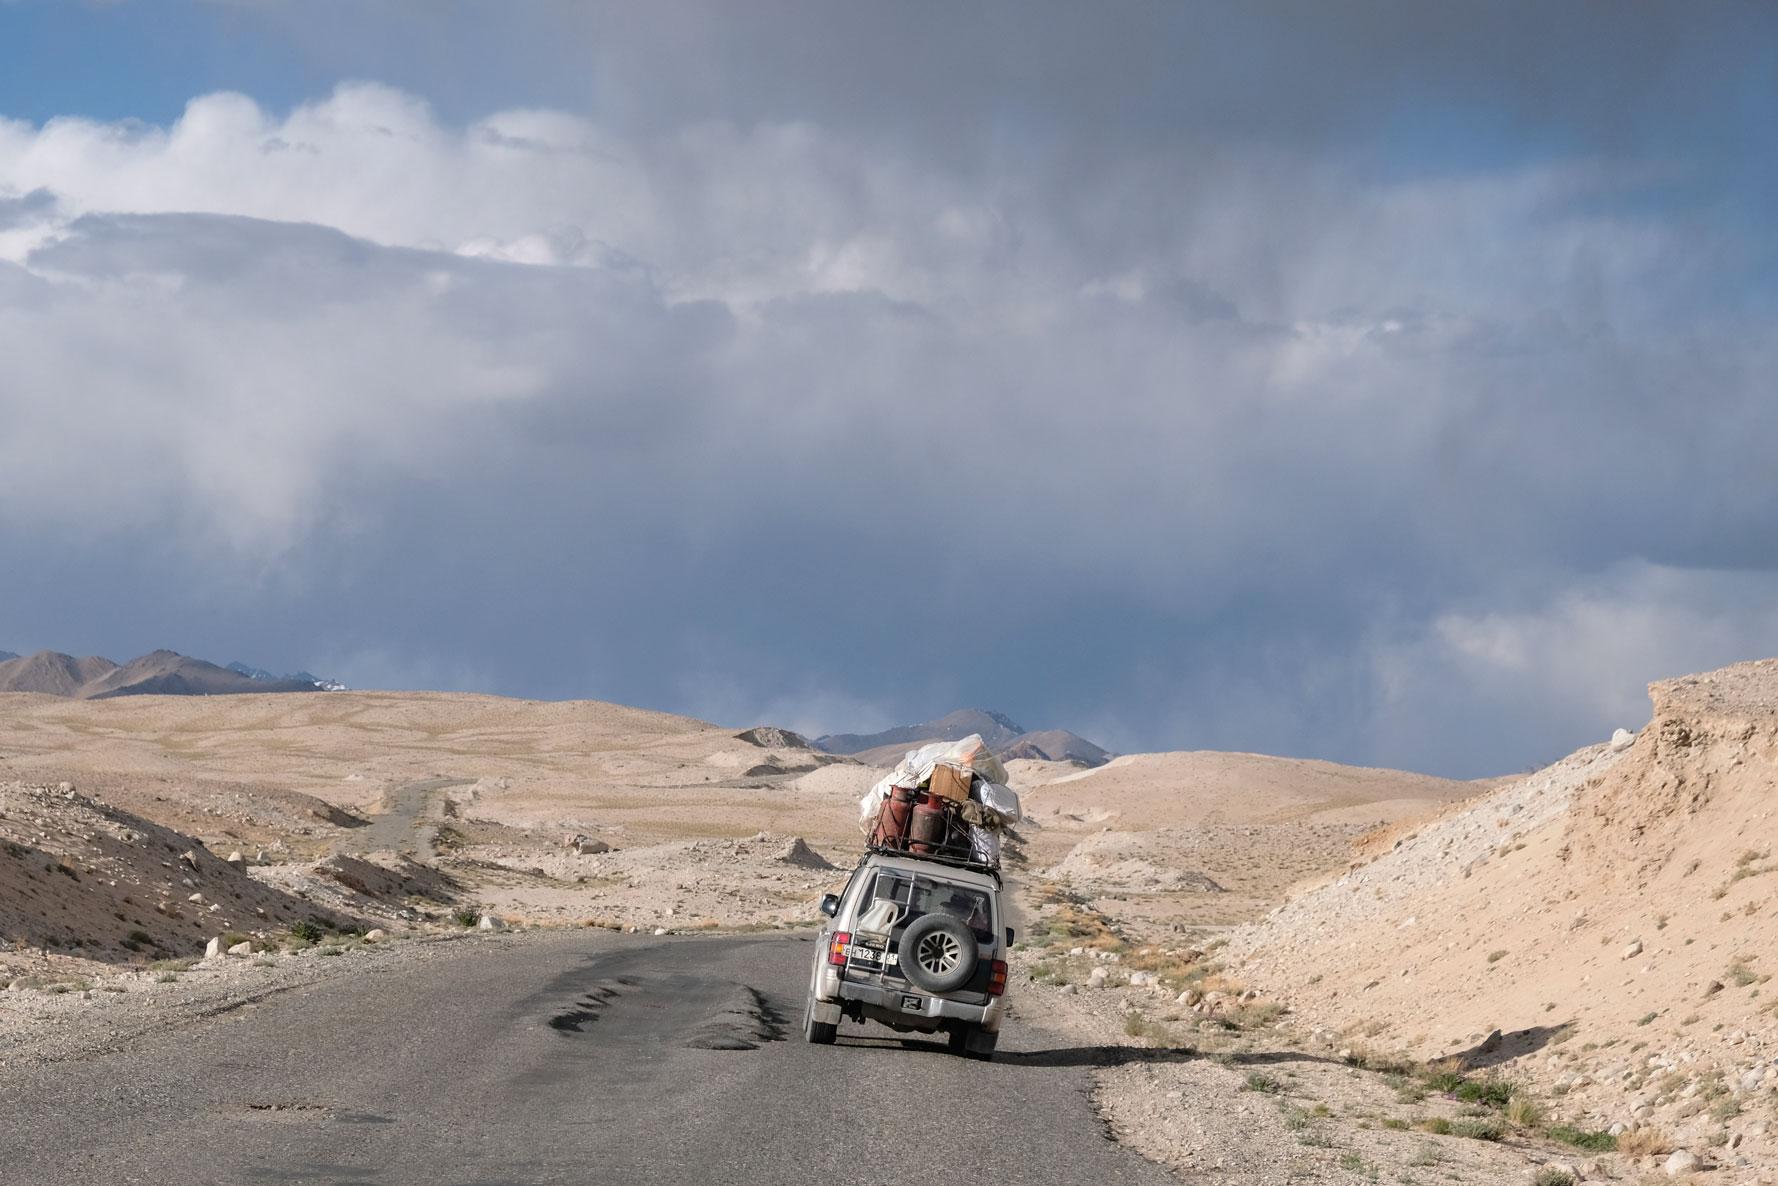 Ein hoch belandener Geländewagen und Spurrillen auf dem Pamir Highway.